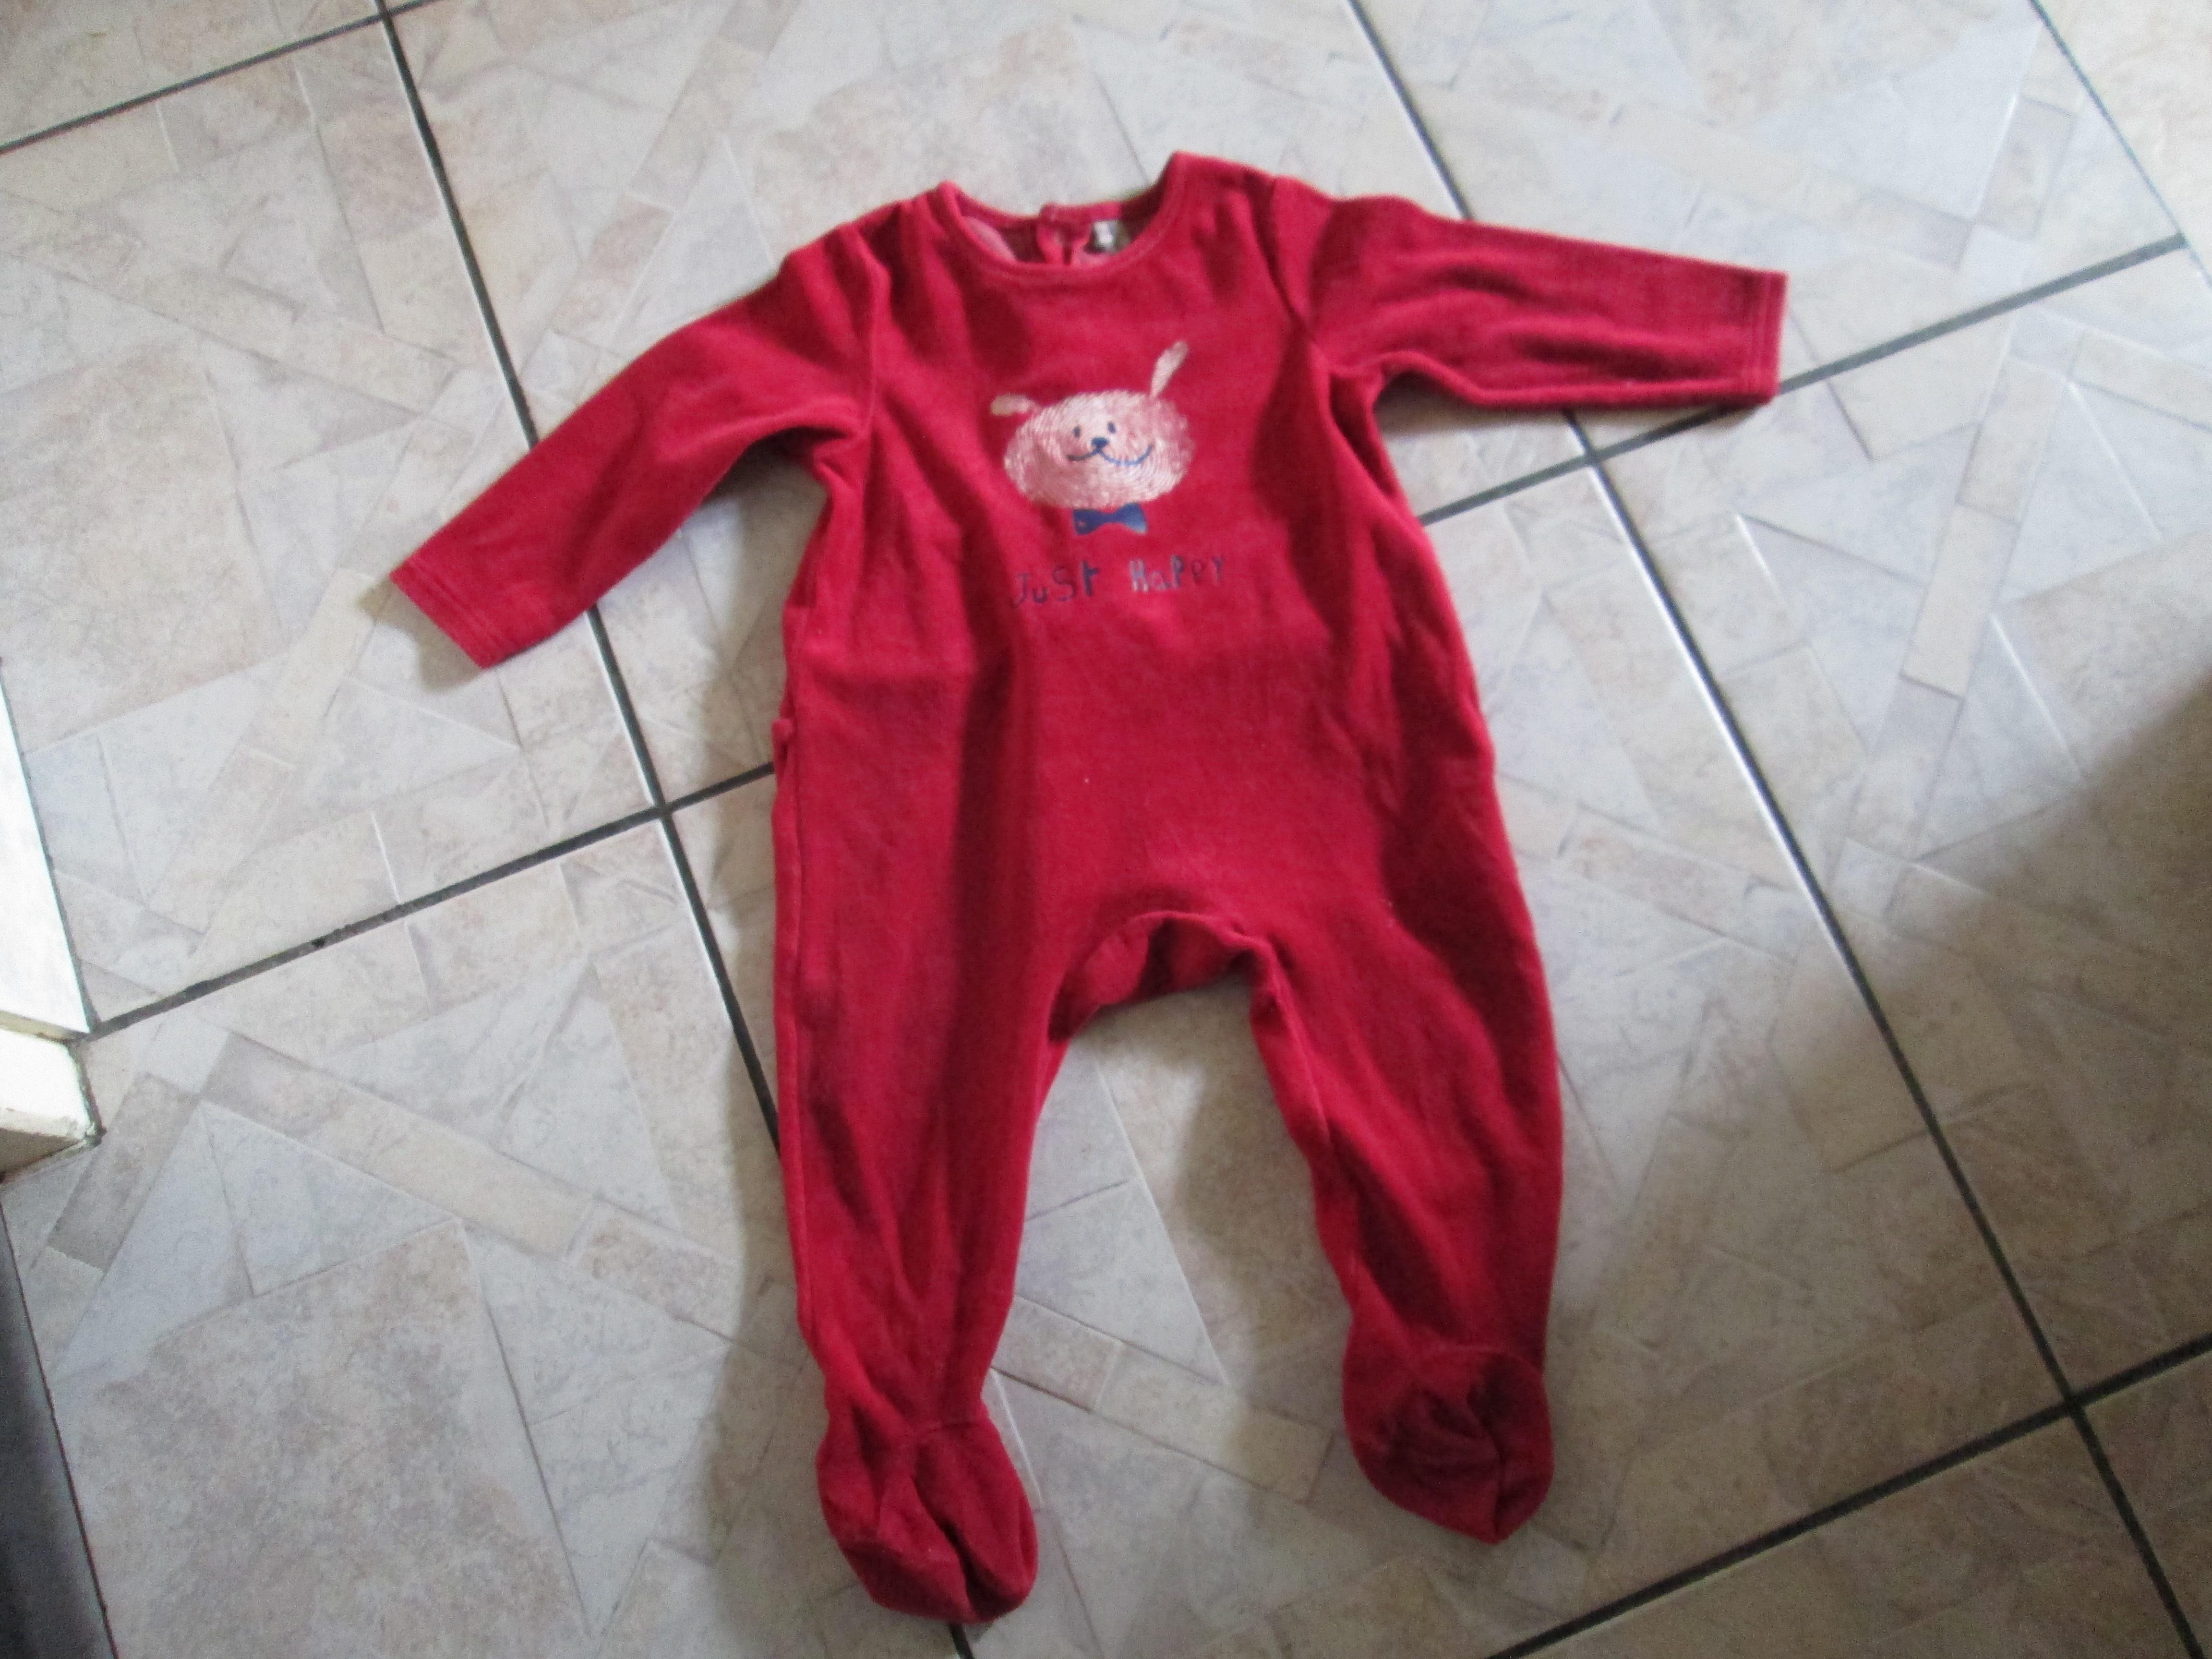 troc de troc pyjama rouge 18 mois   4 noisettes port compris image 0